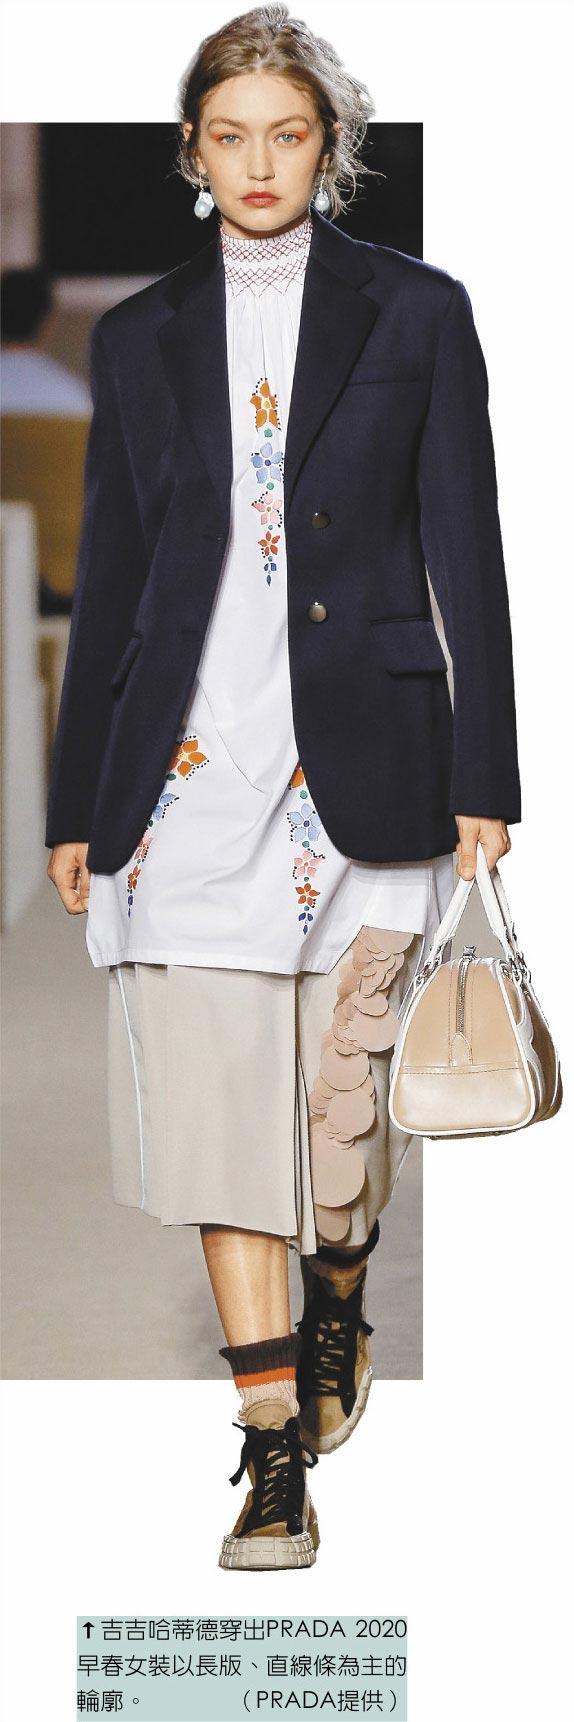 吉吉哈蒂德穿出PRADA 2020早春女裝以長版、直線條為主的輪廓。(PRADA提供)